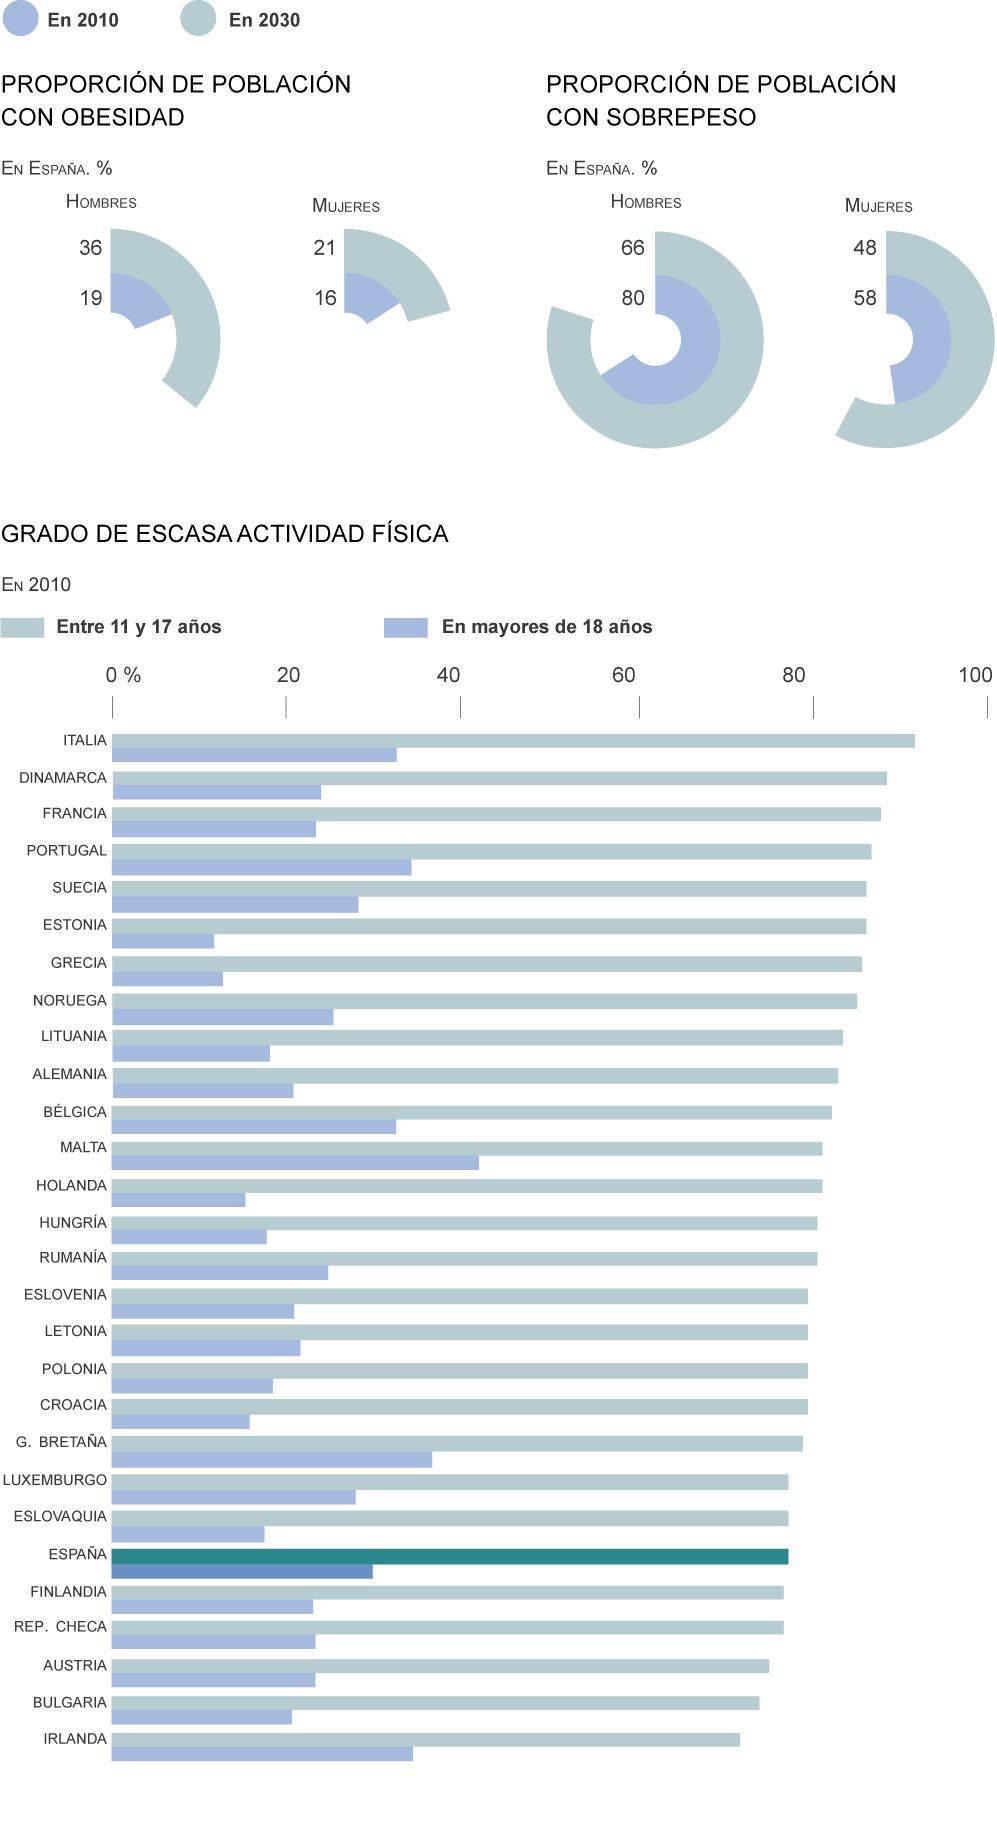 Informe de la Oms sobre la obesidad en 53 paises